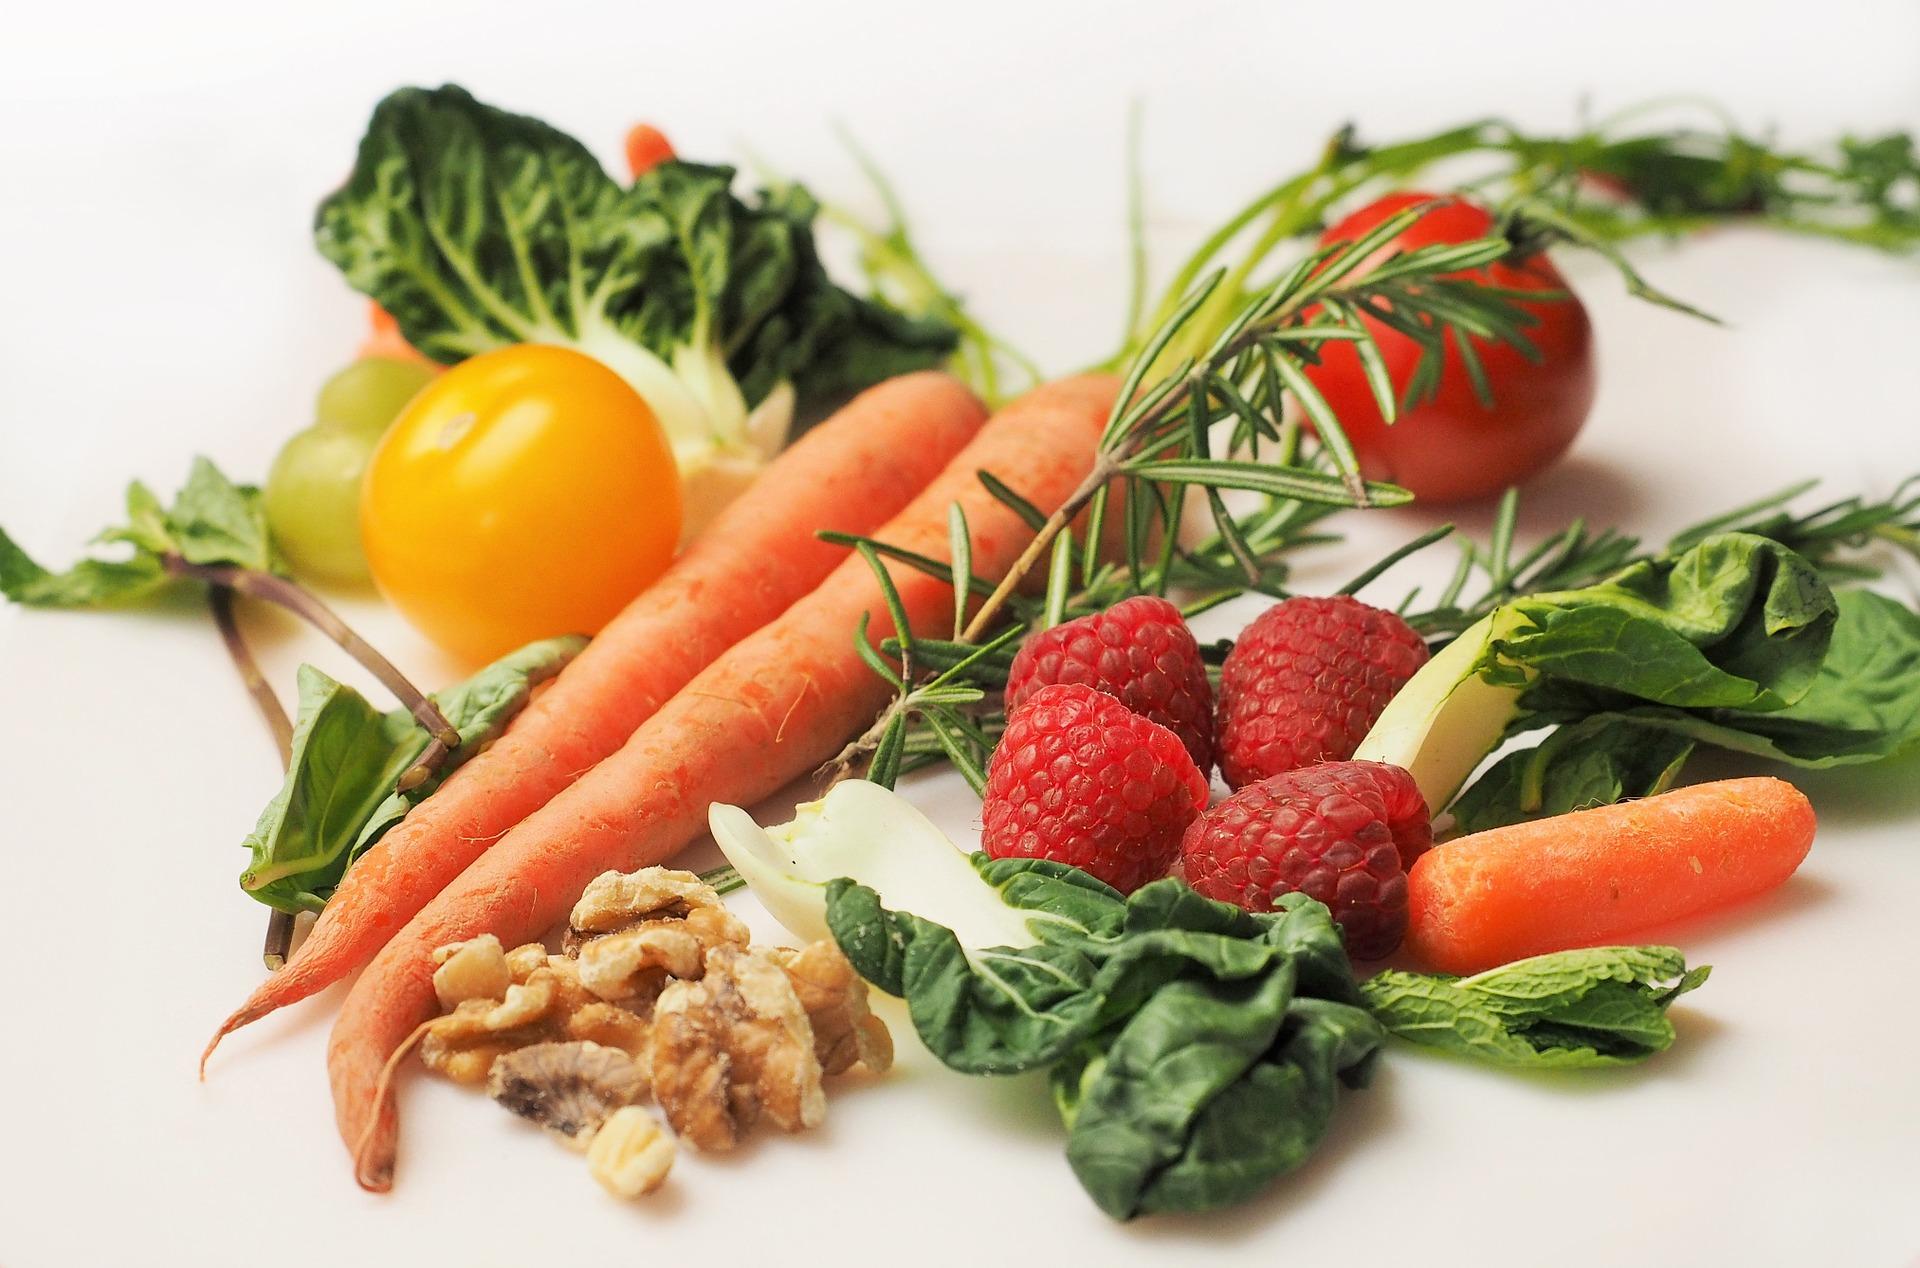 järnrik kost vegetarian